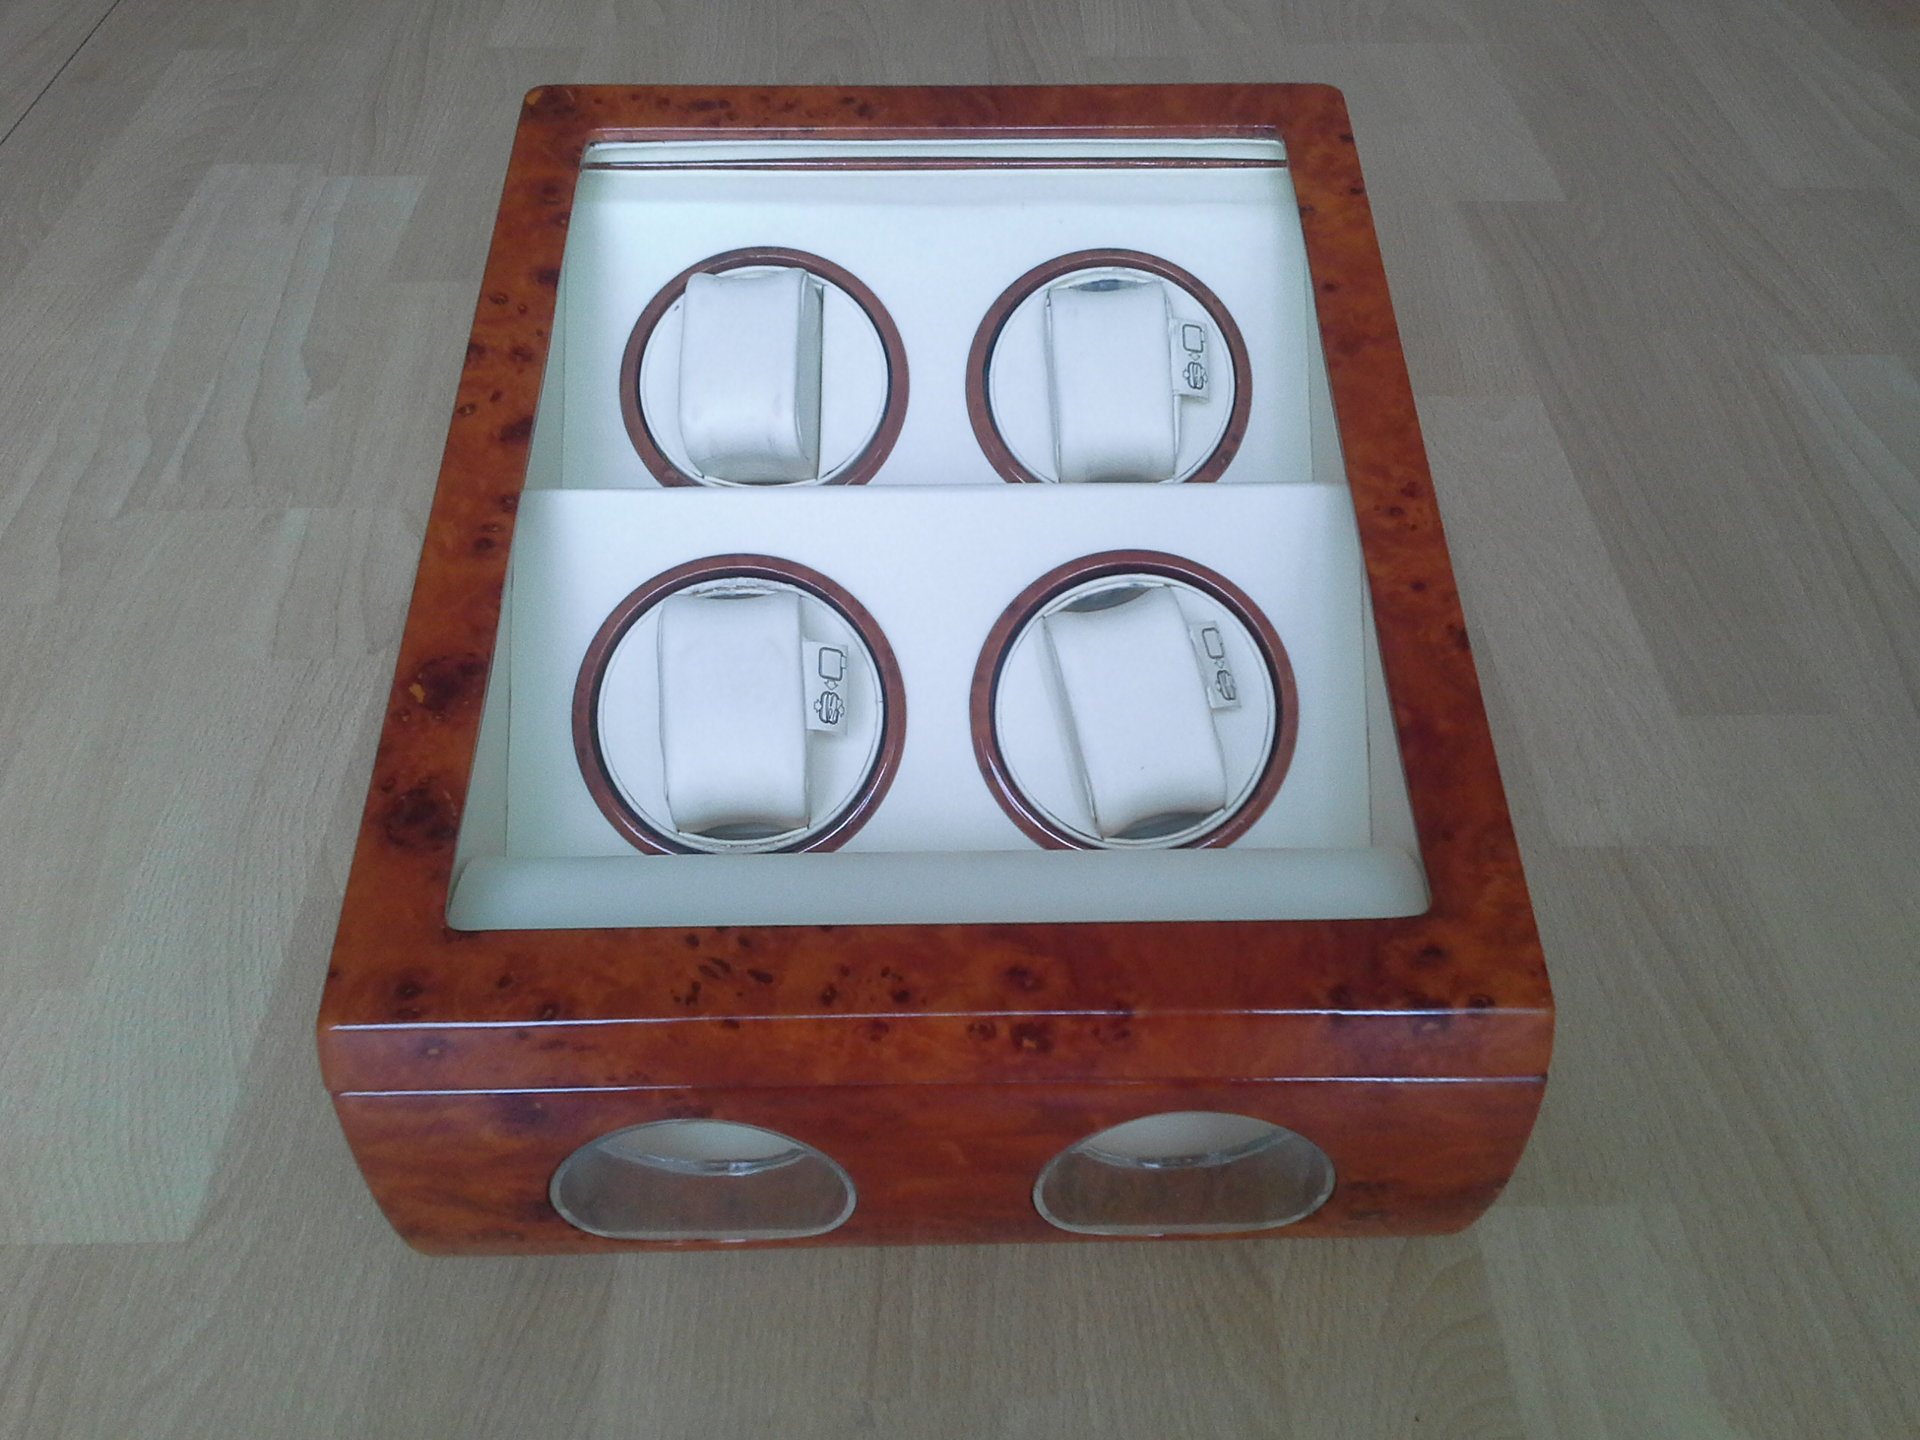 erledigt uhrenbeweger f r 4 uhren 2 standpr sentation uhrforum. Black Bedroom Furniture Sets. Home Design Ideas